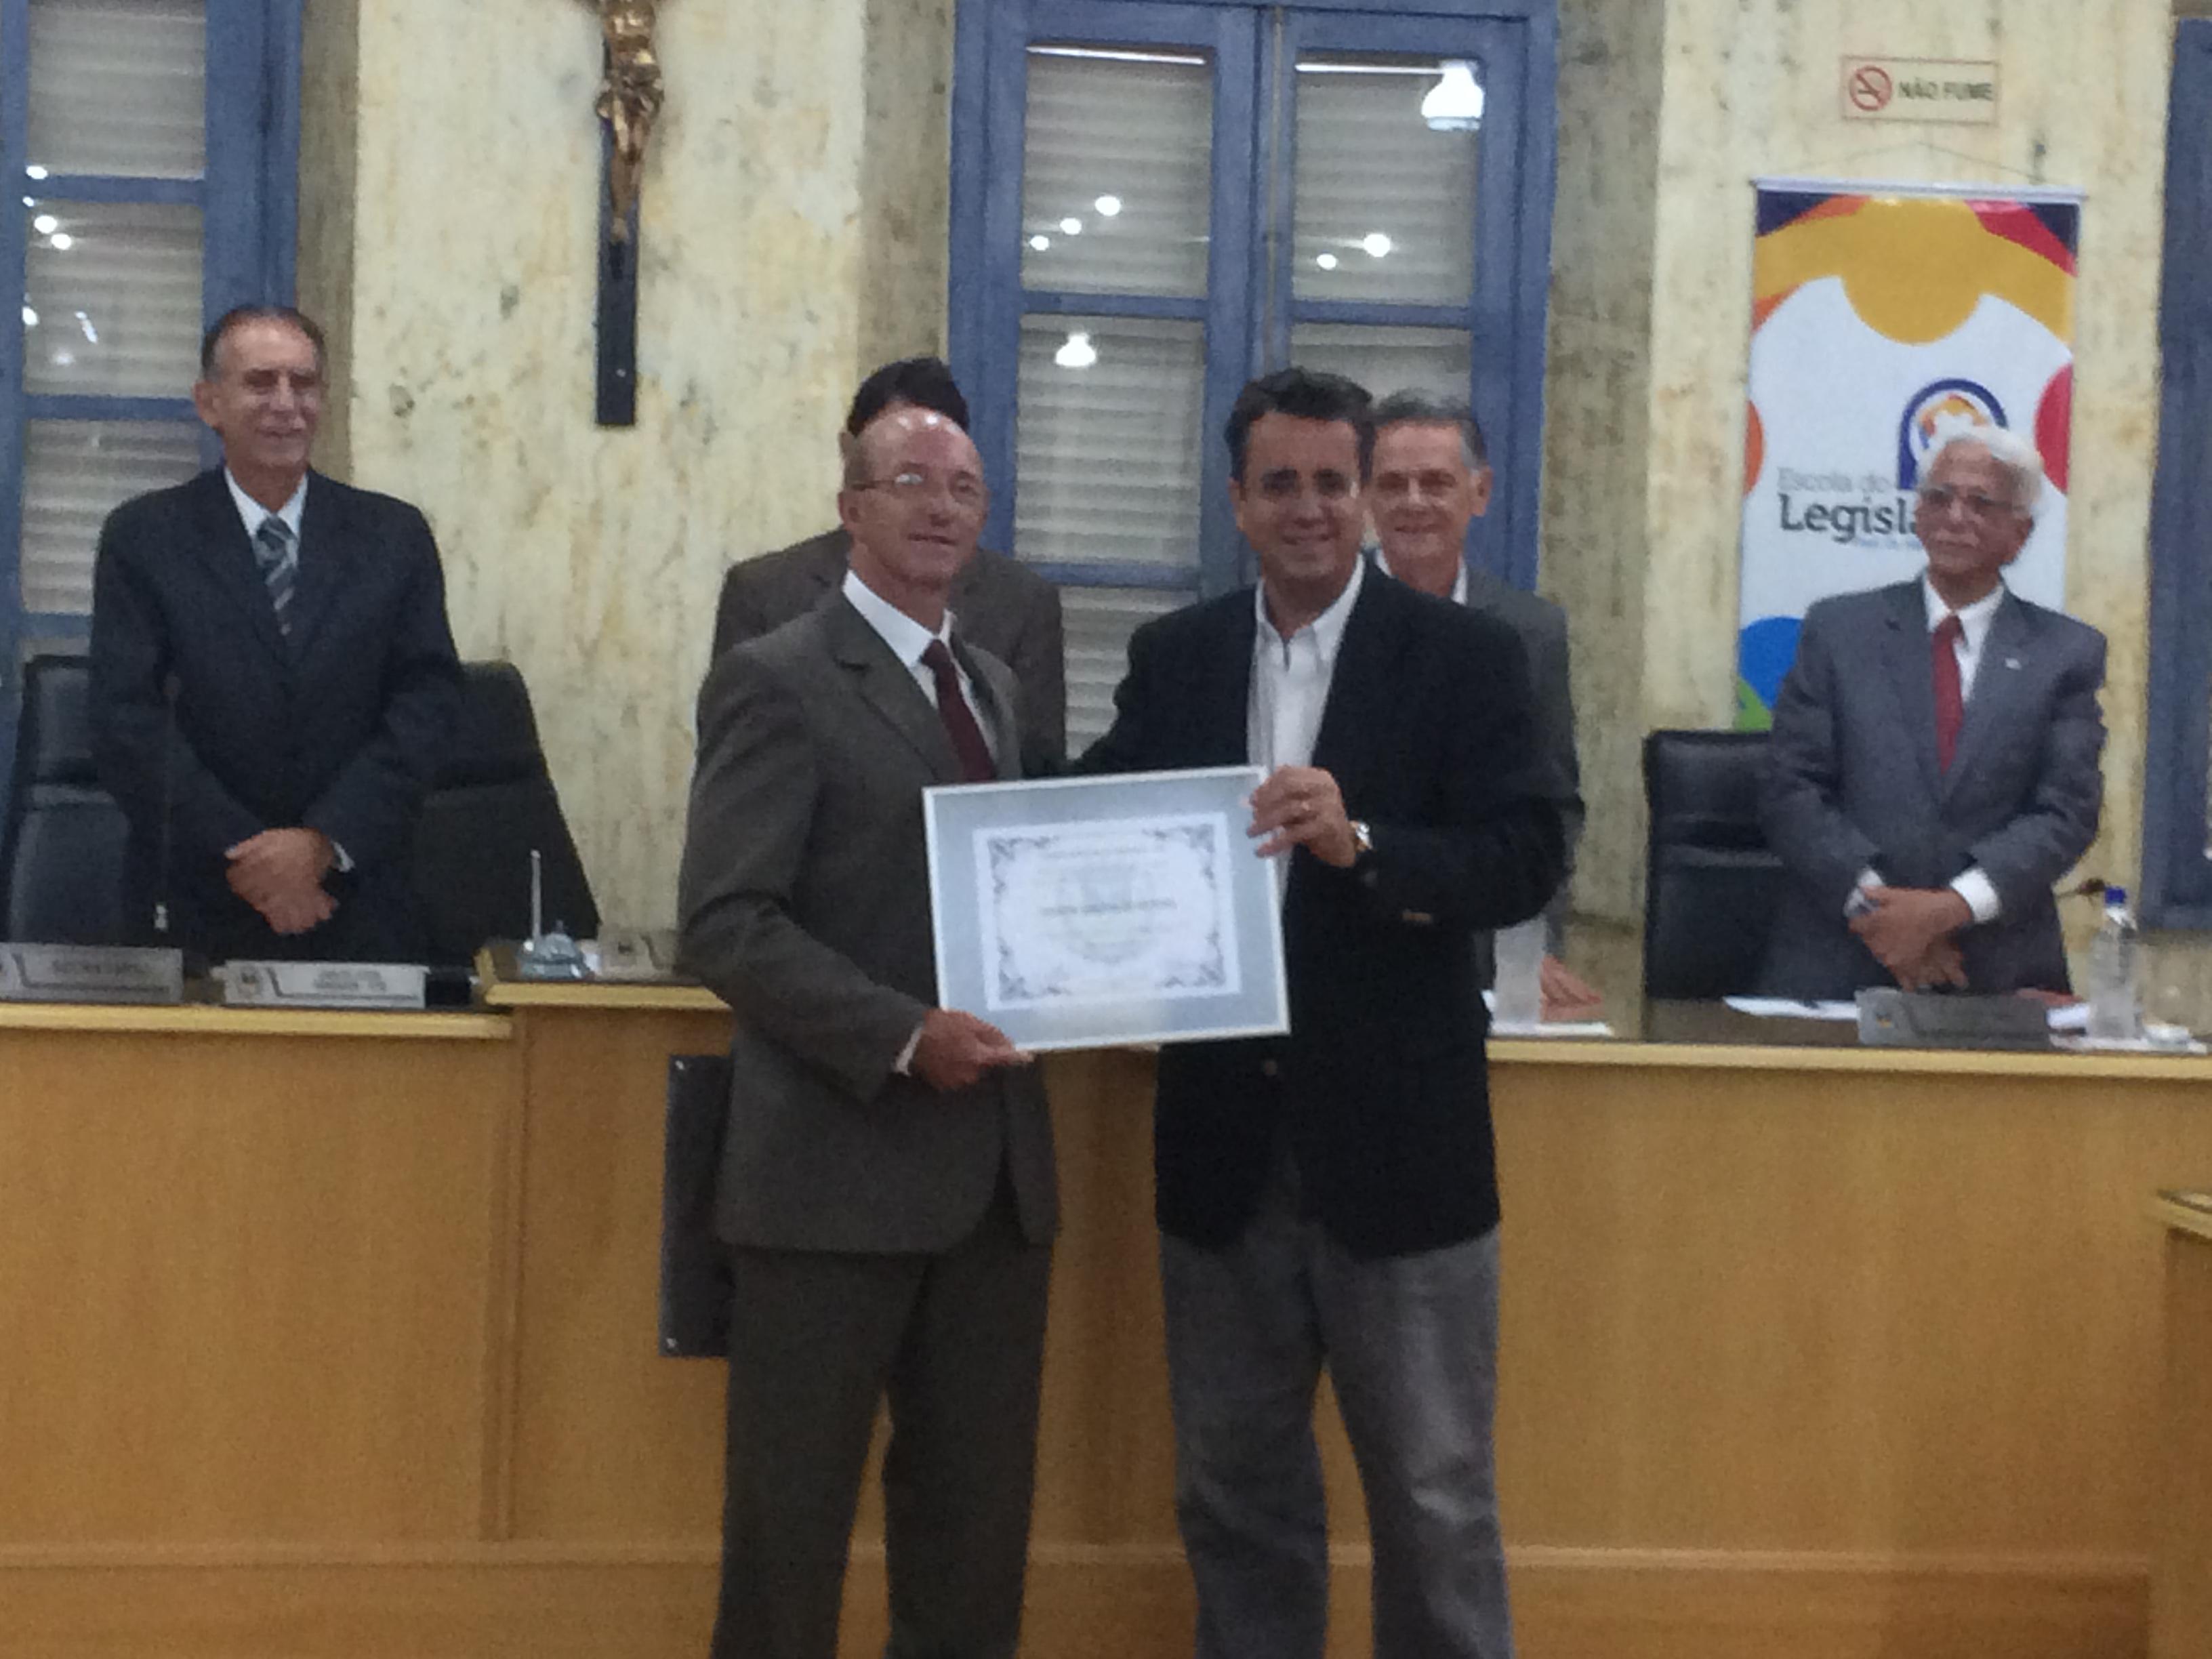 O presidente do Inprev,  Edson Crepaldi, foi homenageado com Moção de Aplauso proposta pelo vereador Armando Fortunato, pelos relevantes serviços prestados ao município